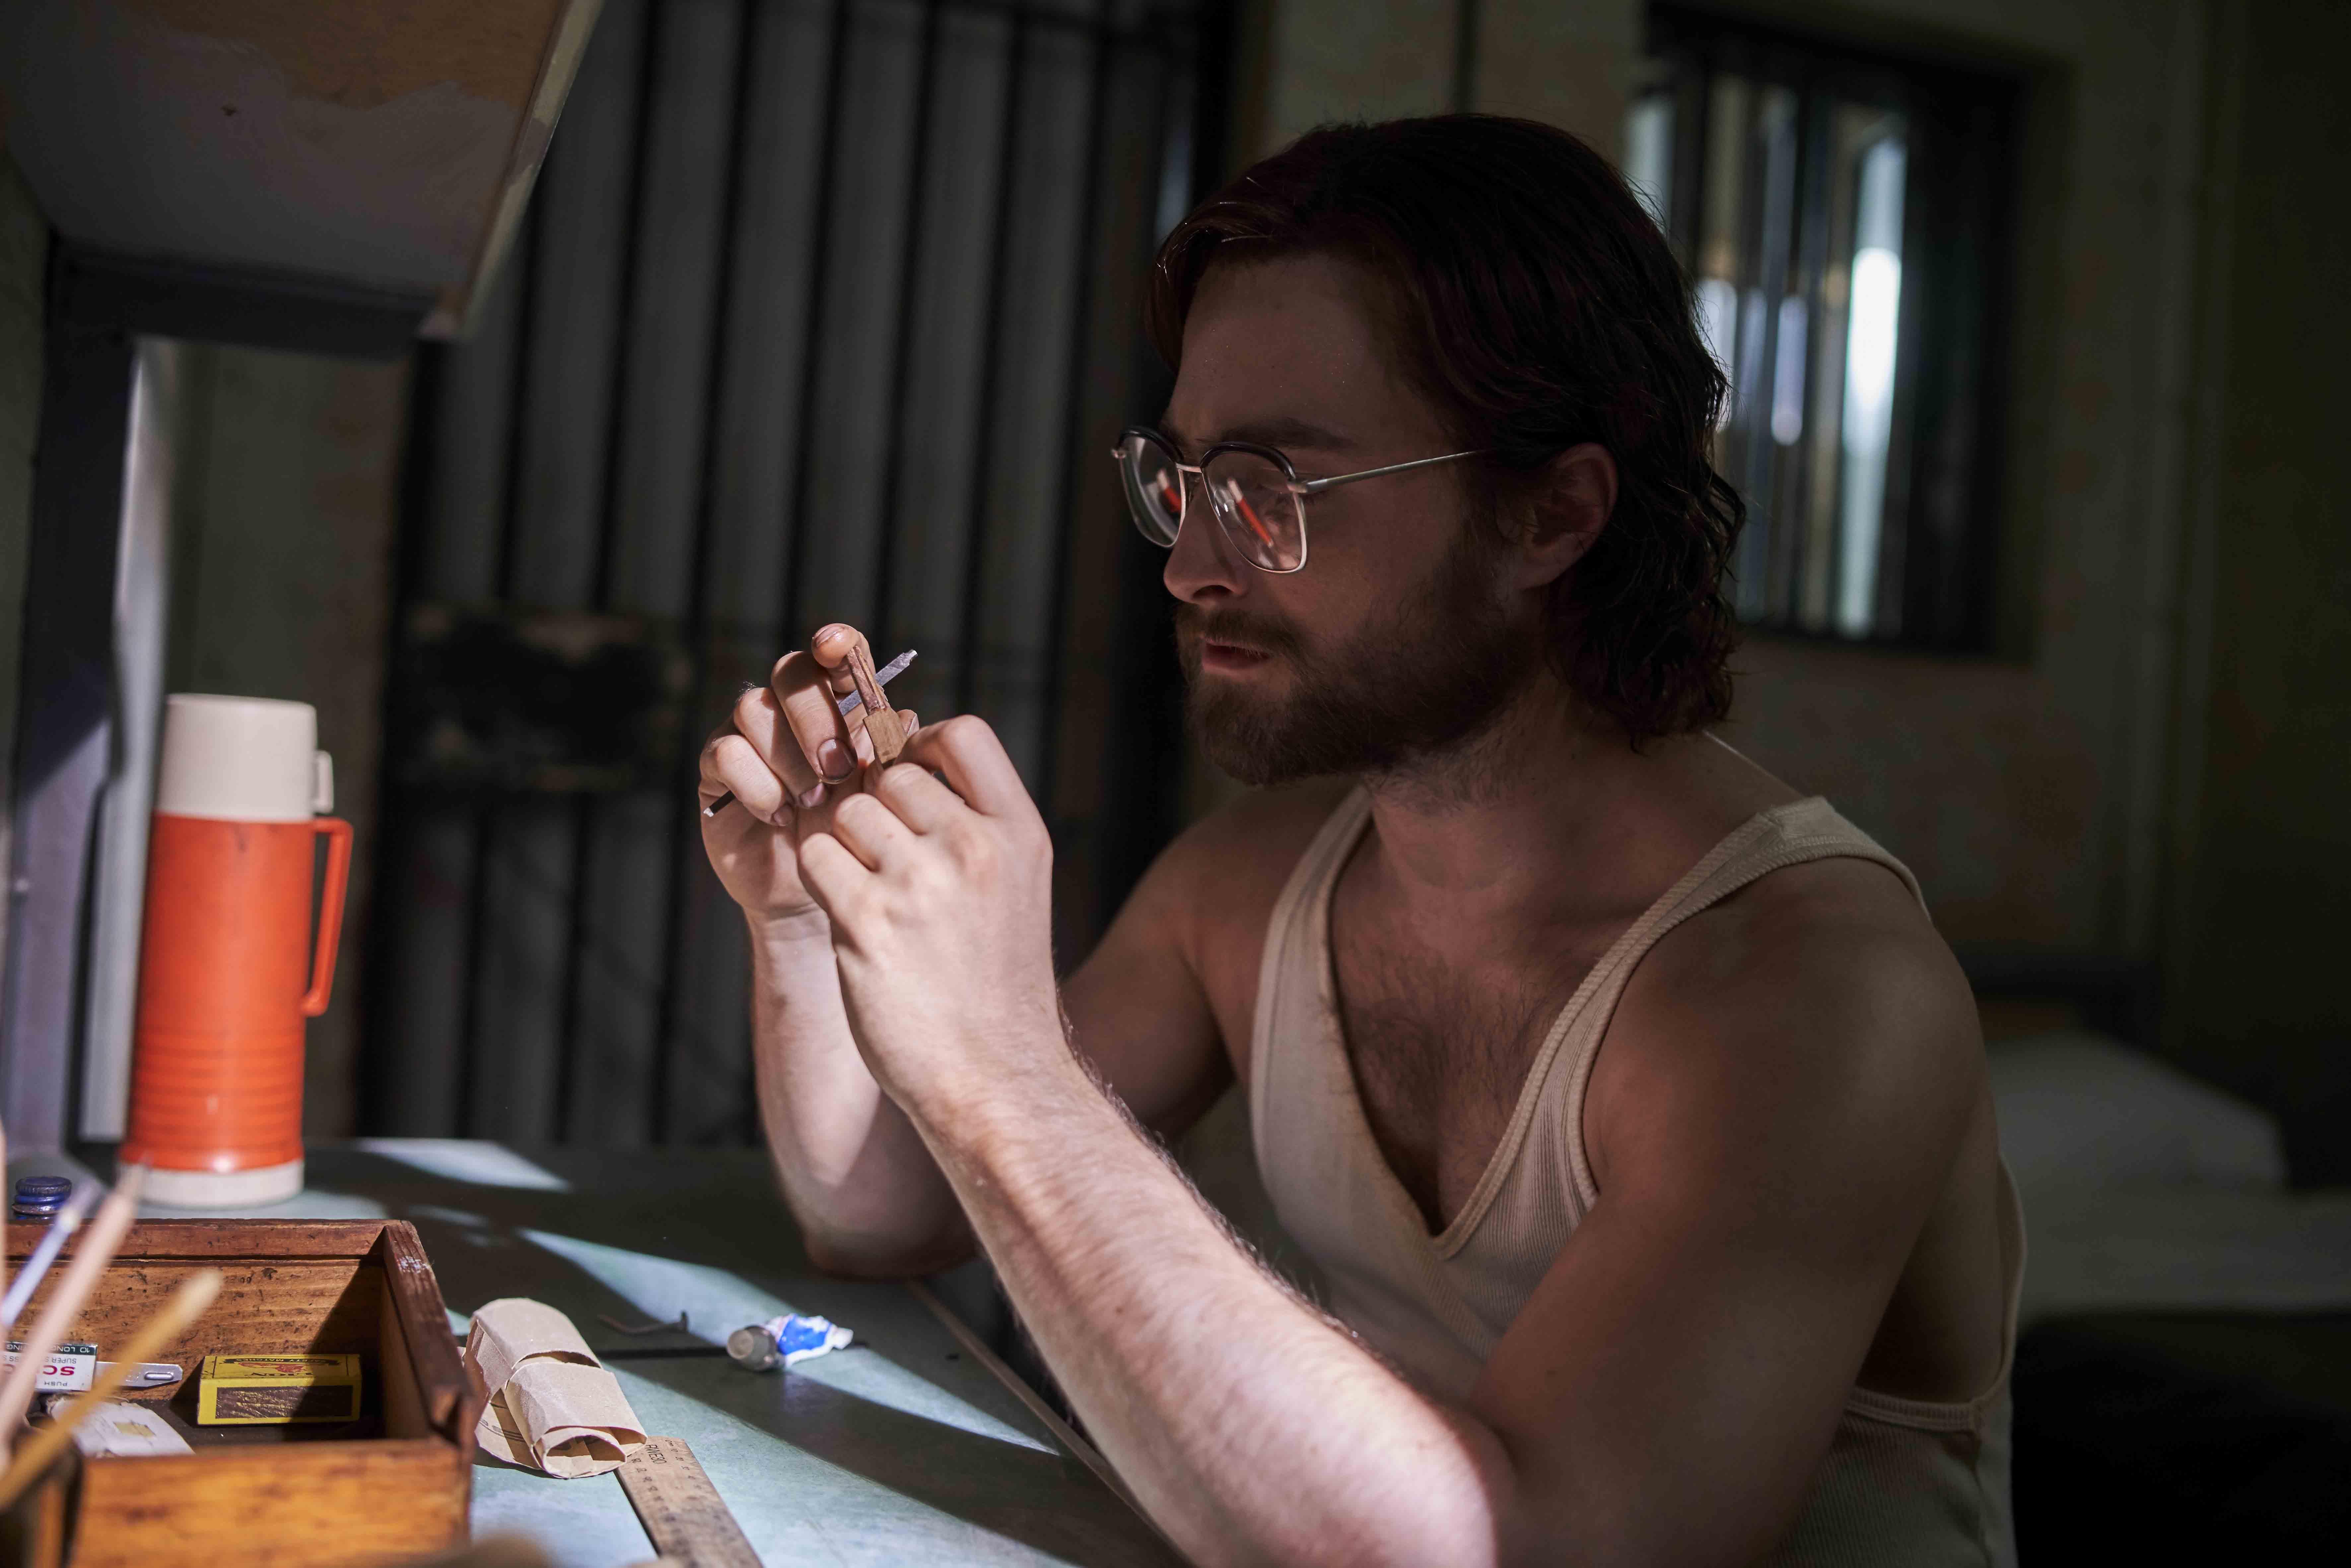 鋃鐺入獄時,更是狼狽到全身僅有一件吊嘎和內褲,只好將女友走私給他的救命錢藏在雪茄管之後,硬塞到肛門裡,差點導致發炎潰爛